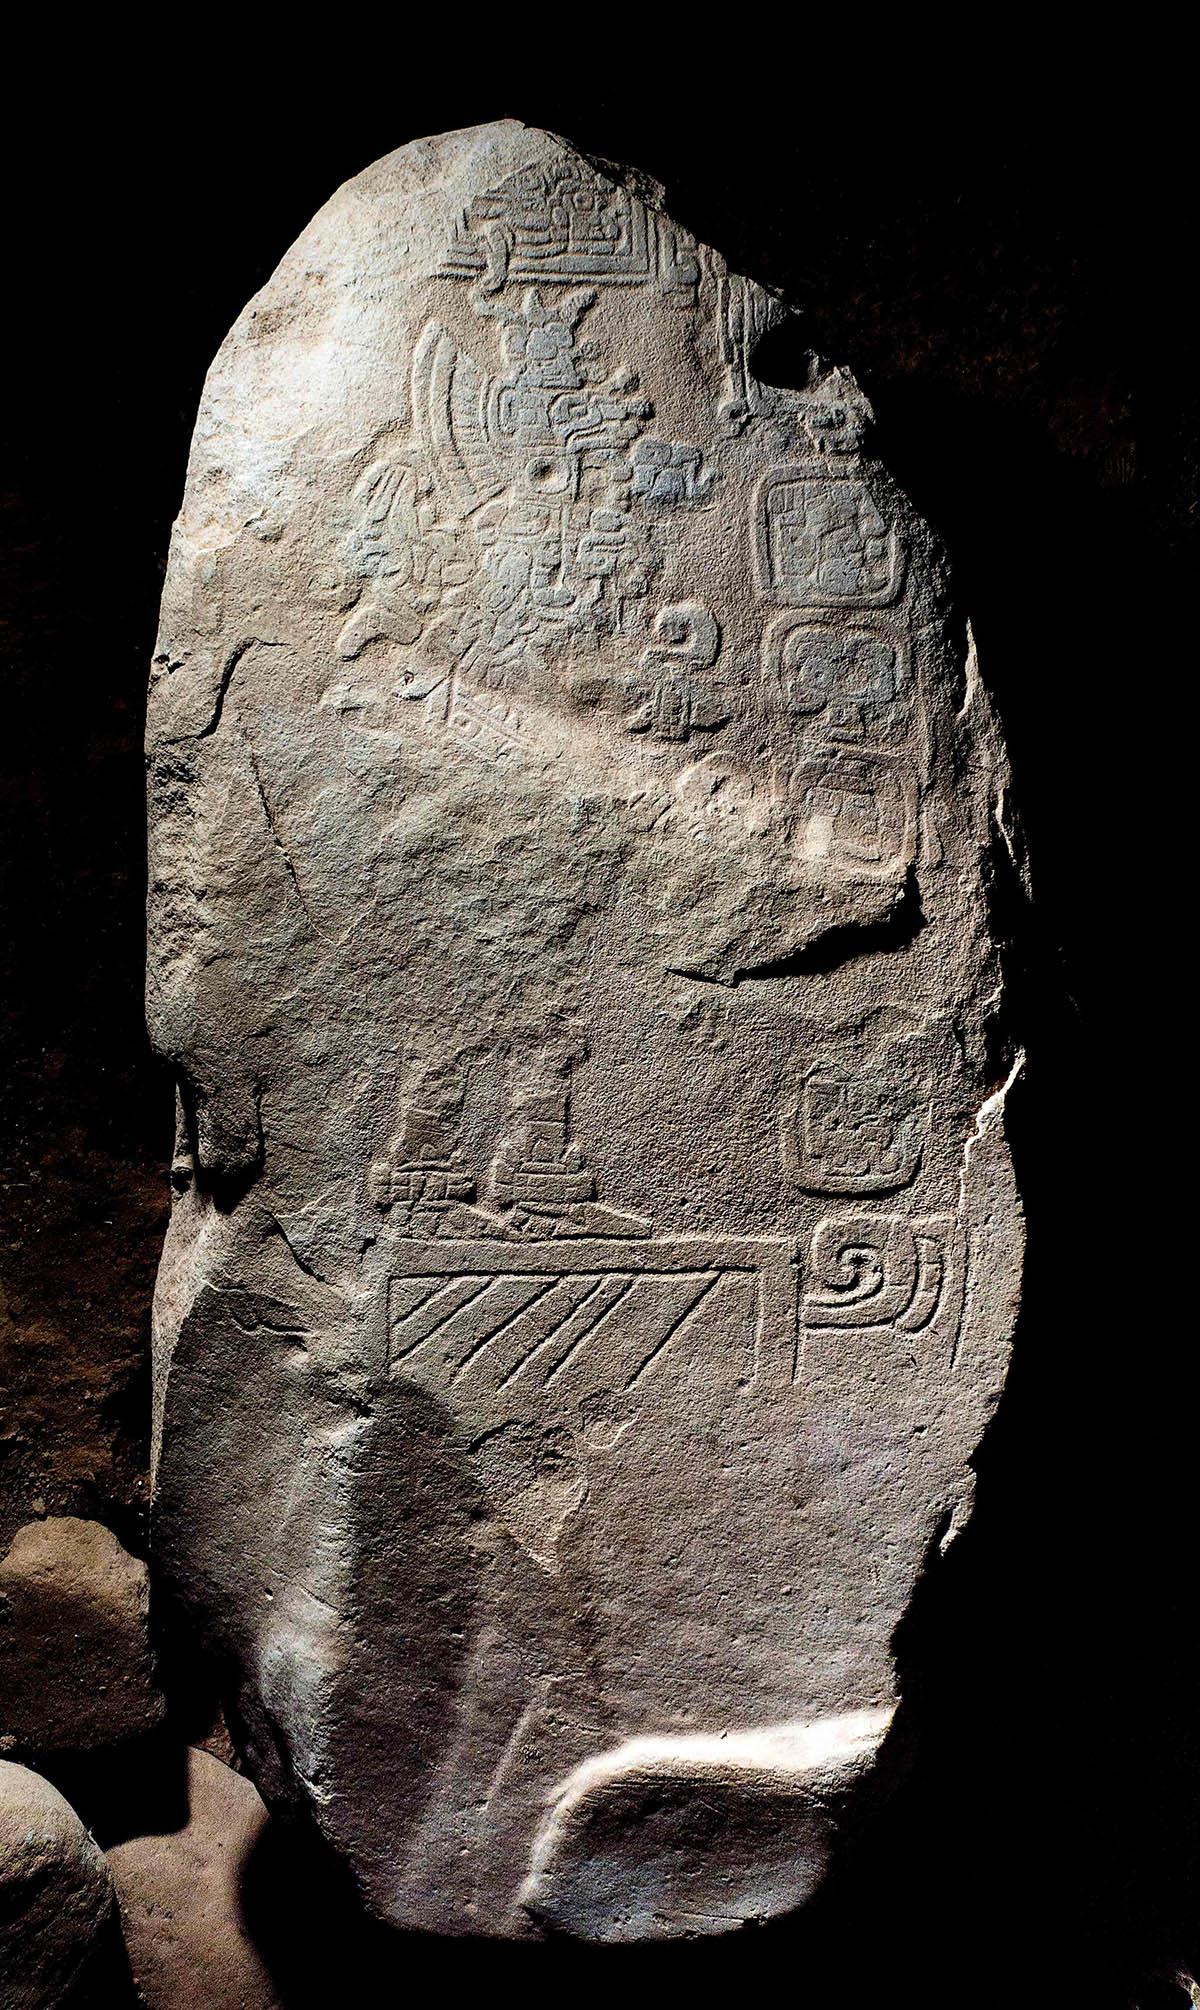 Fragmento da placa de pedra descoberta no sítio arqueológico maia de Tak'alik Ab'aj, na Guatemala, revela origem da escrita Maia. (© Ministério da Cultura e Esportes da Guatemala , AFP)